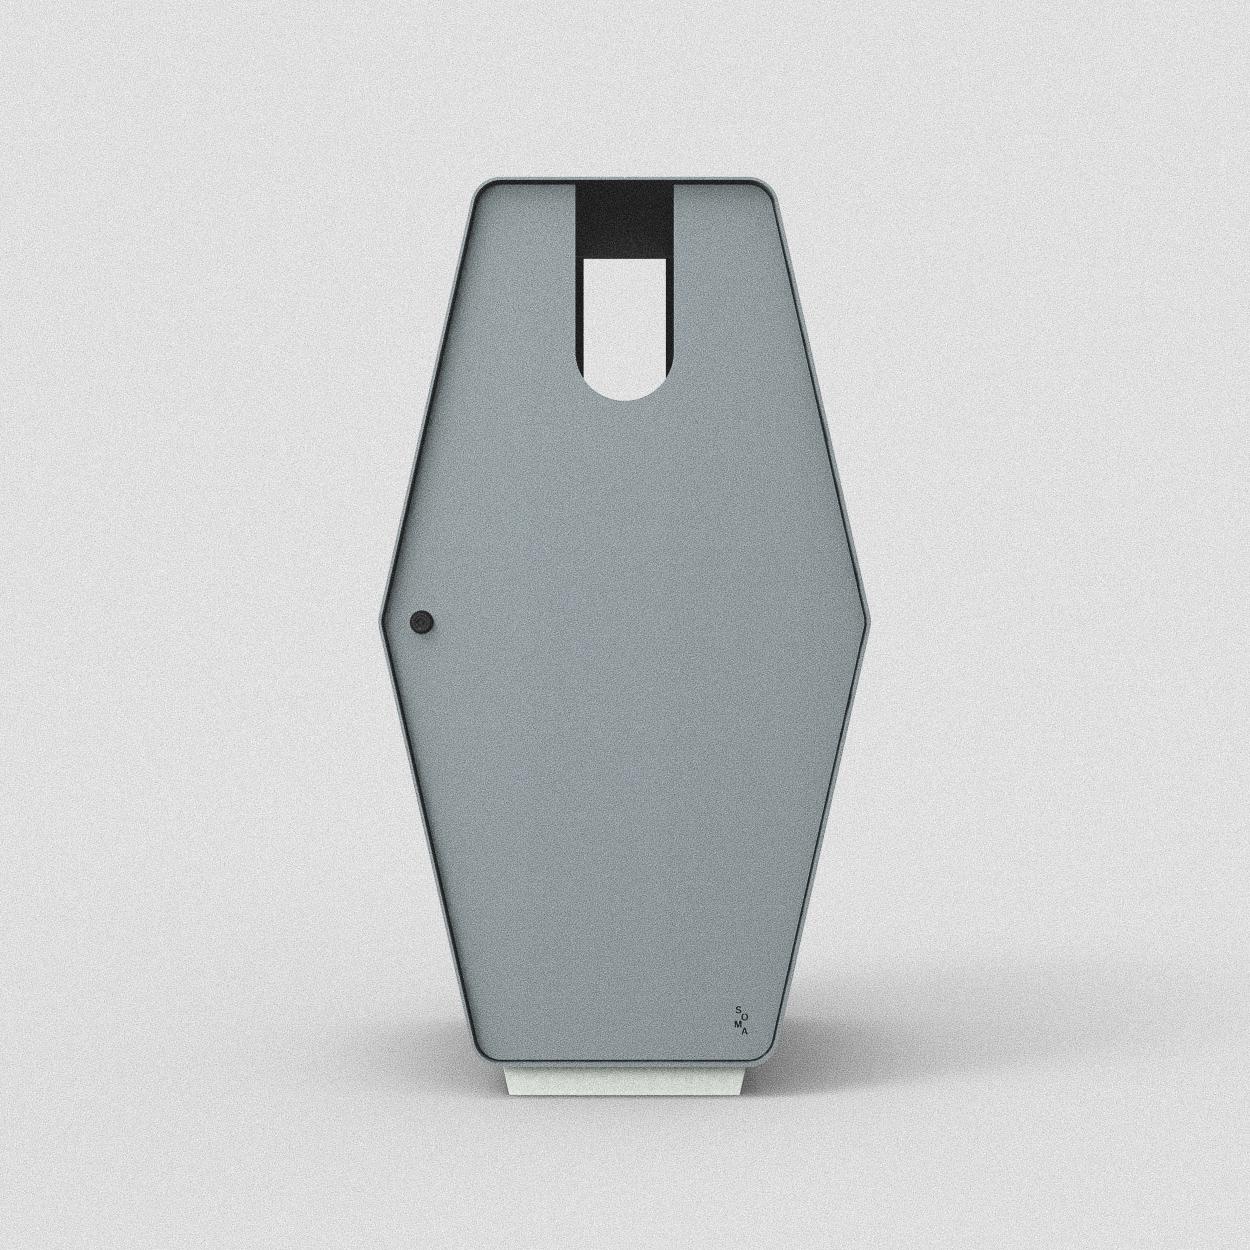 Inkast: Papper / Standardfärg: Granit